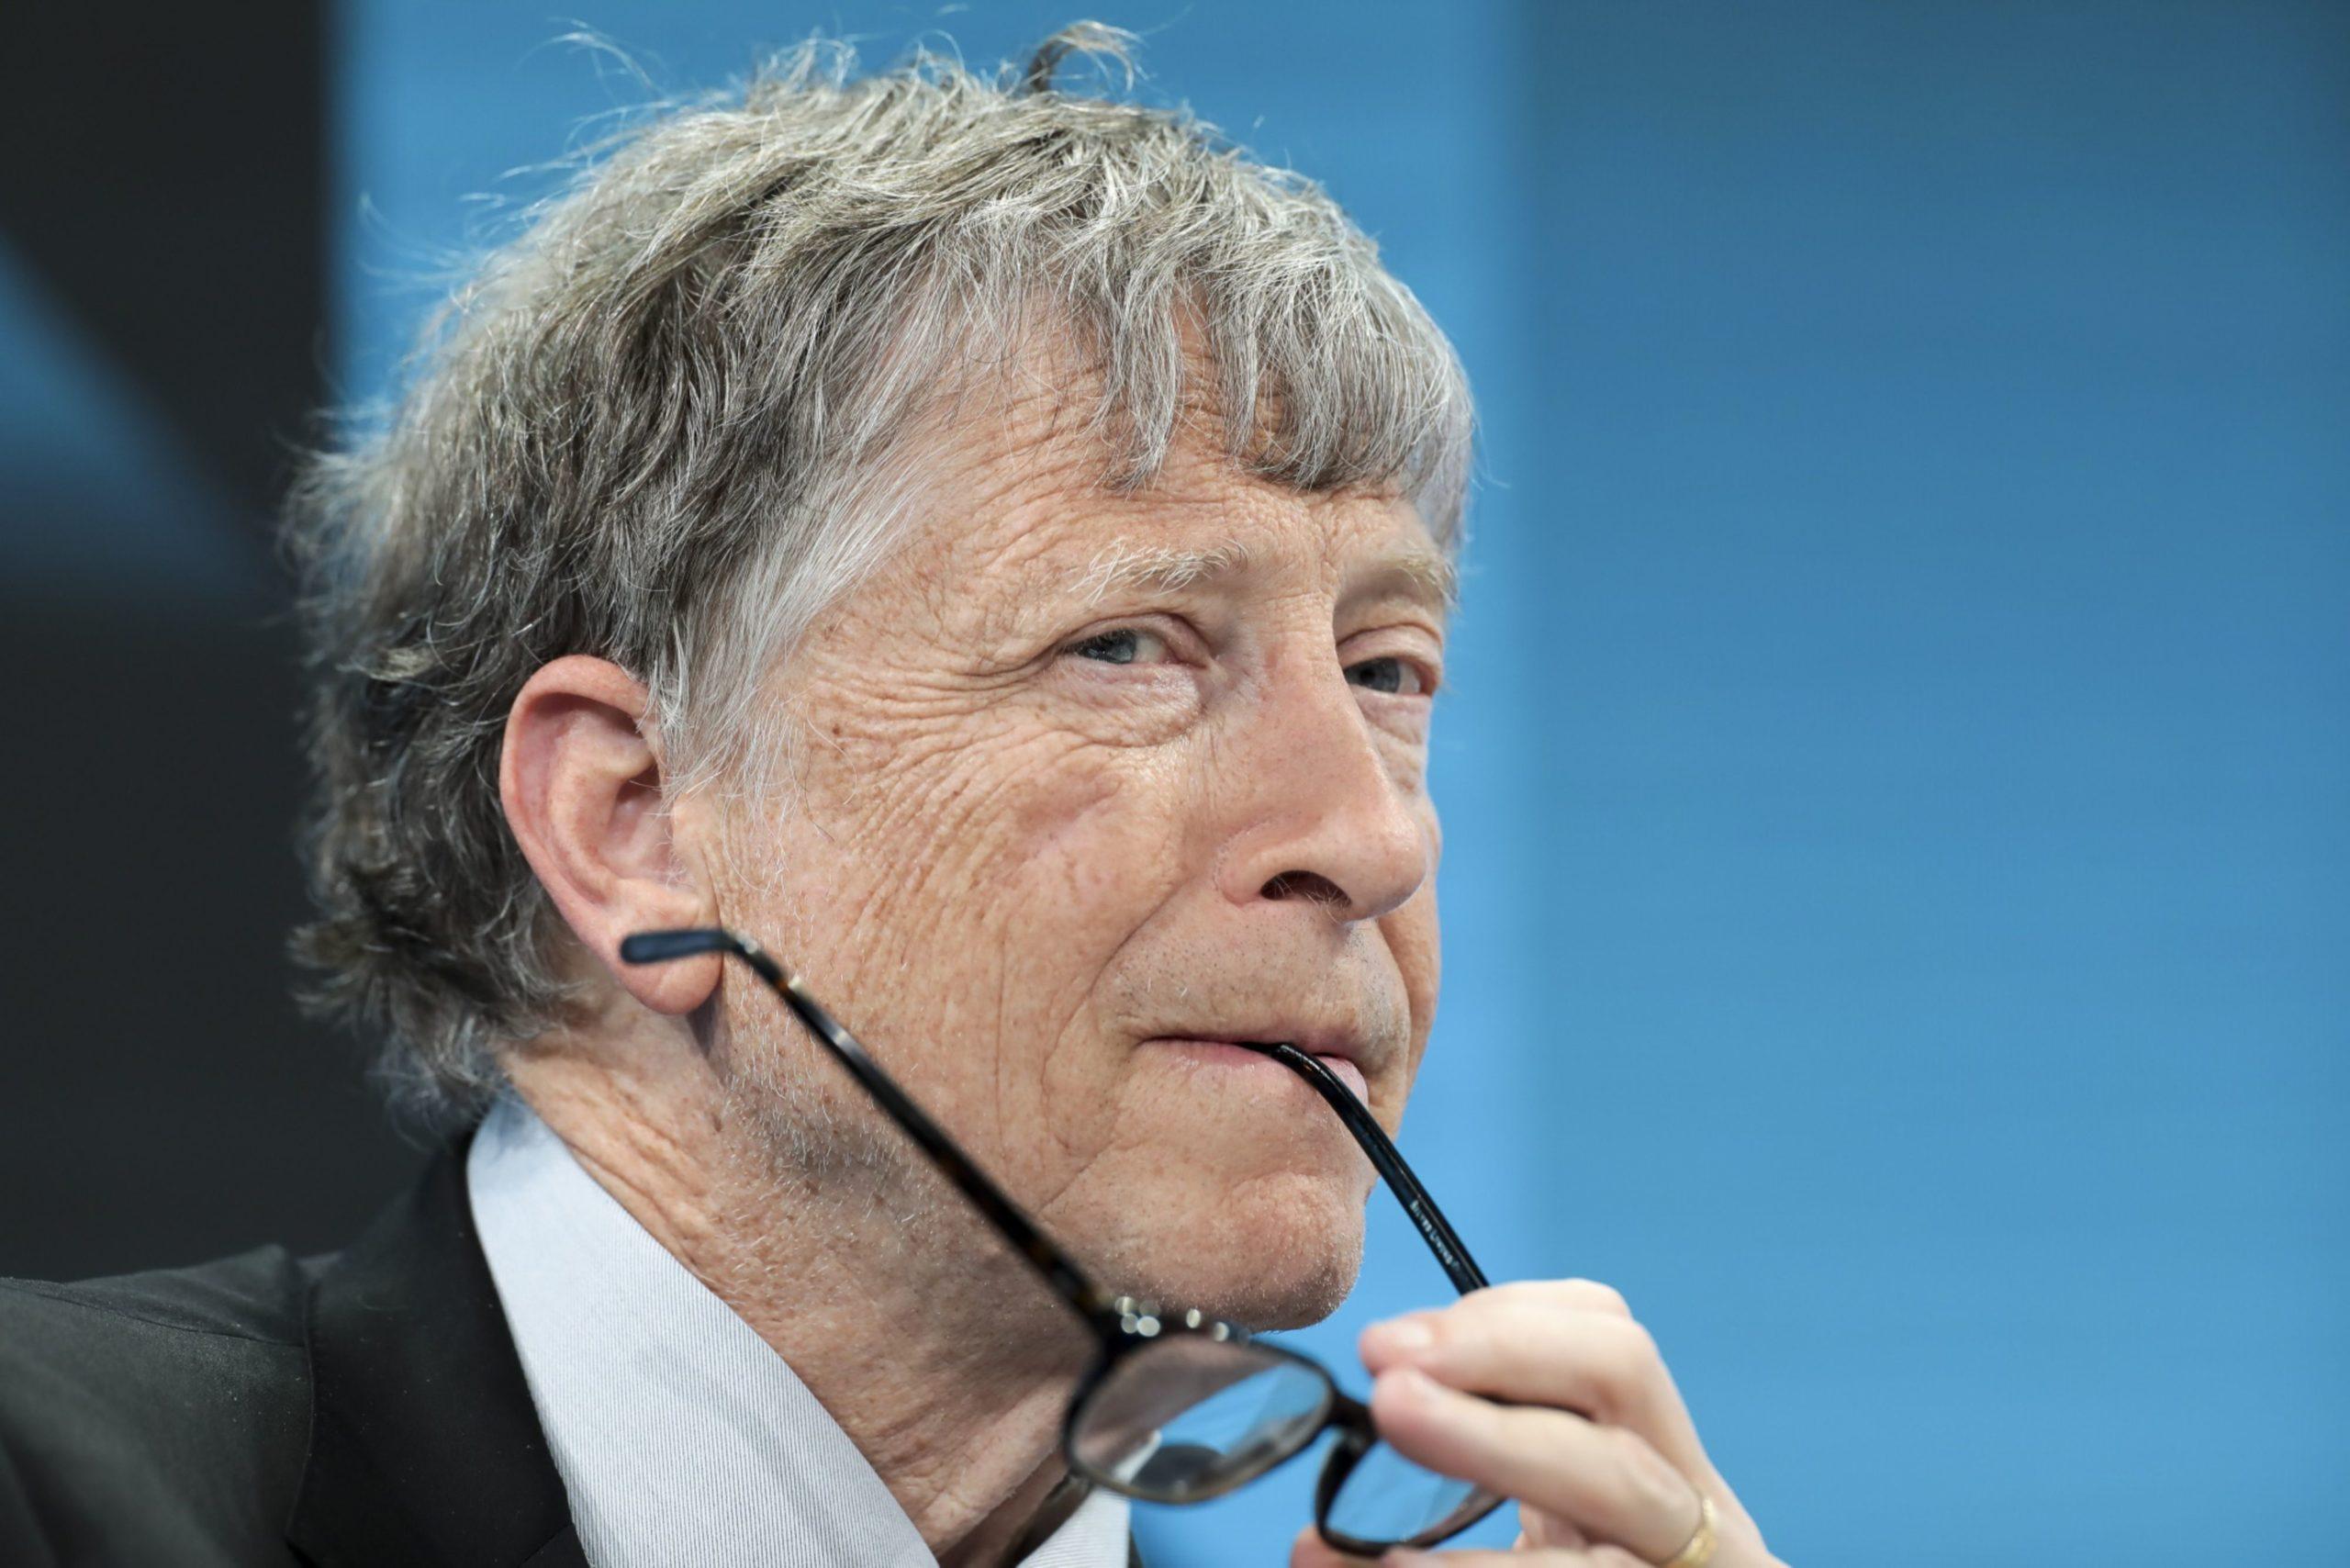 Business Maverick: Gates Raises $1 Billion as Corporate CEOs Join Race to Scale Clean Tech